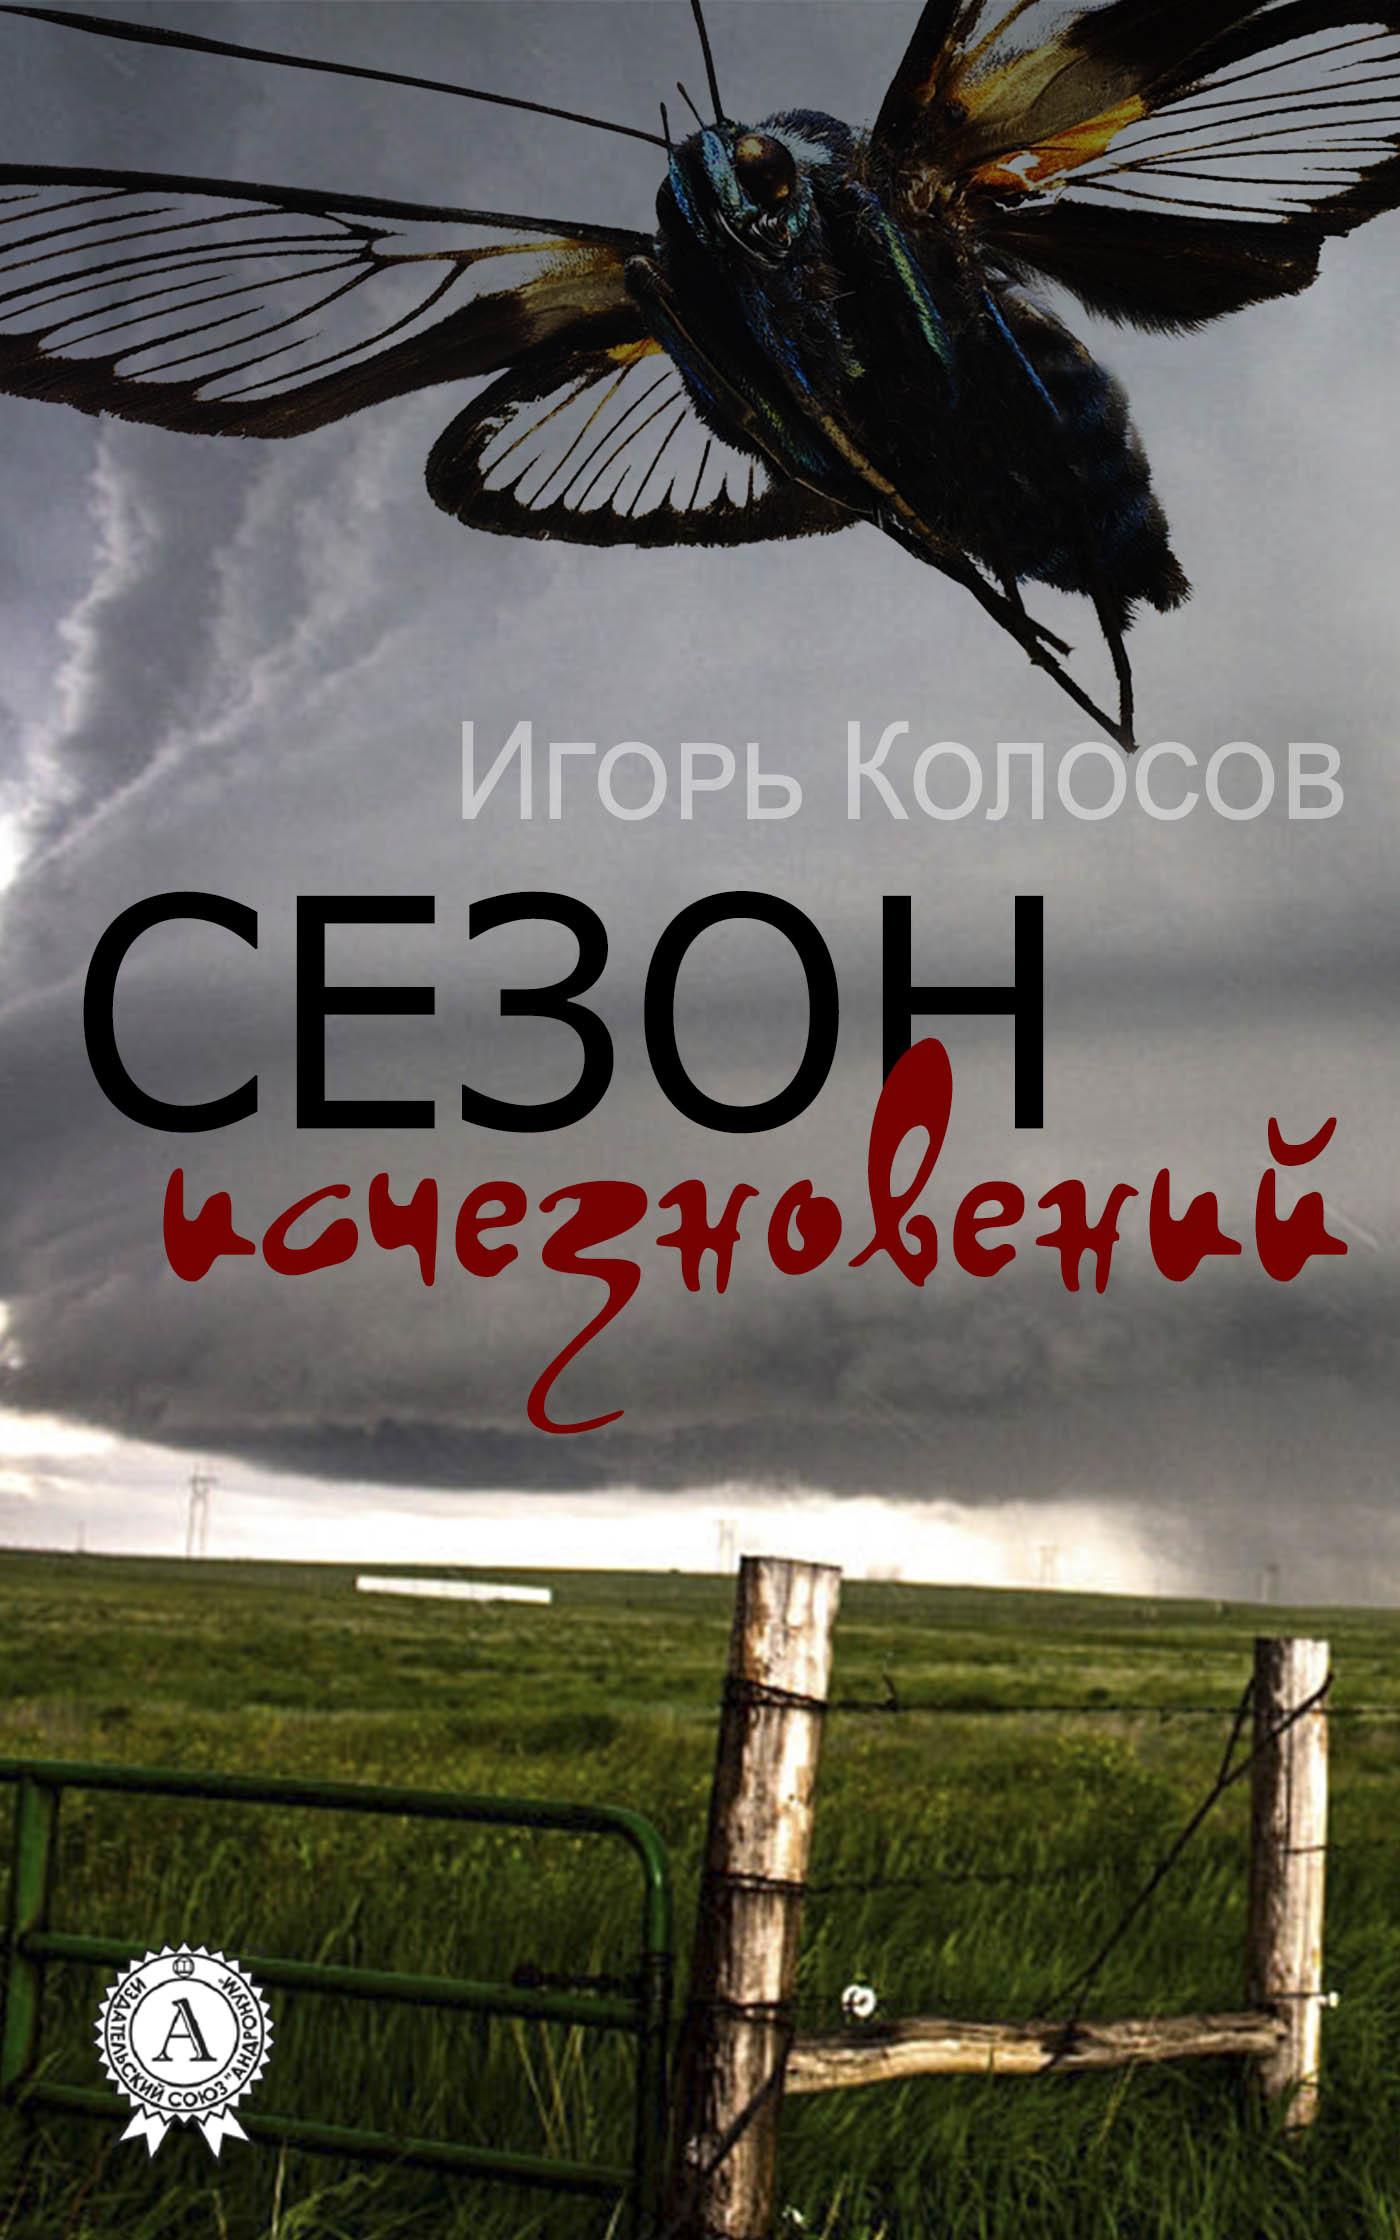 Игорь Колосов Сезон исчезновений телефон в симферополе поселок гвардейский